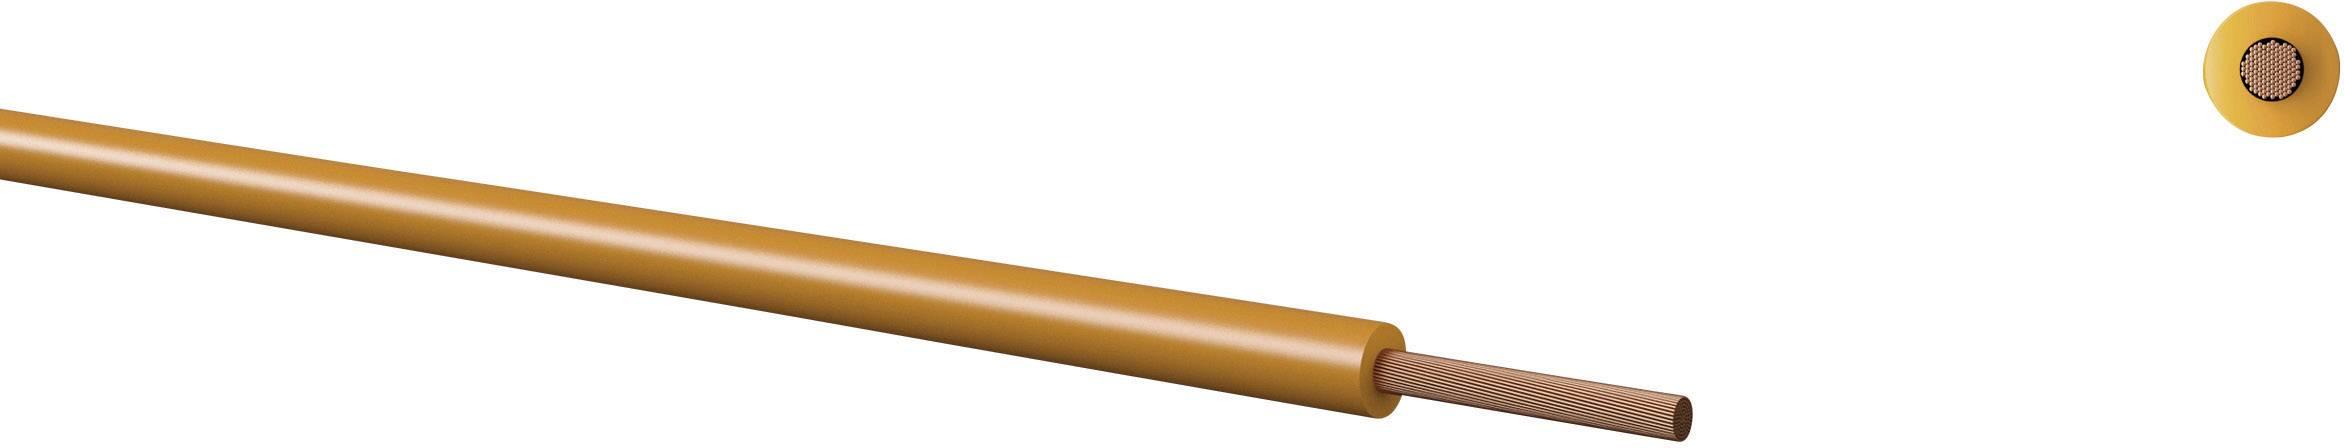 Opletenie / lanko Kabeltronik 160102507 LiFY, 1 x 0.25 mm², vonkajší Ø 1.40 mm, metrový tovar, modrá